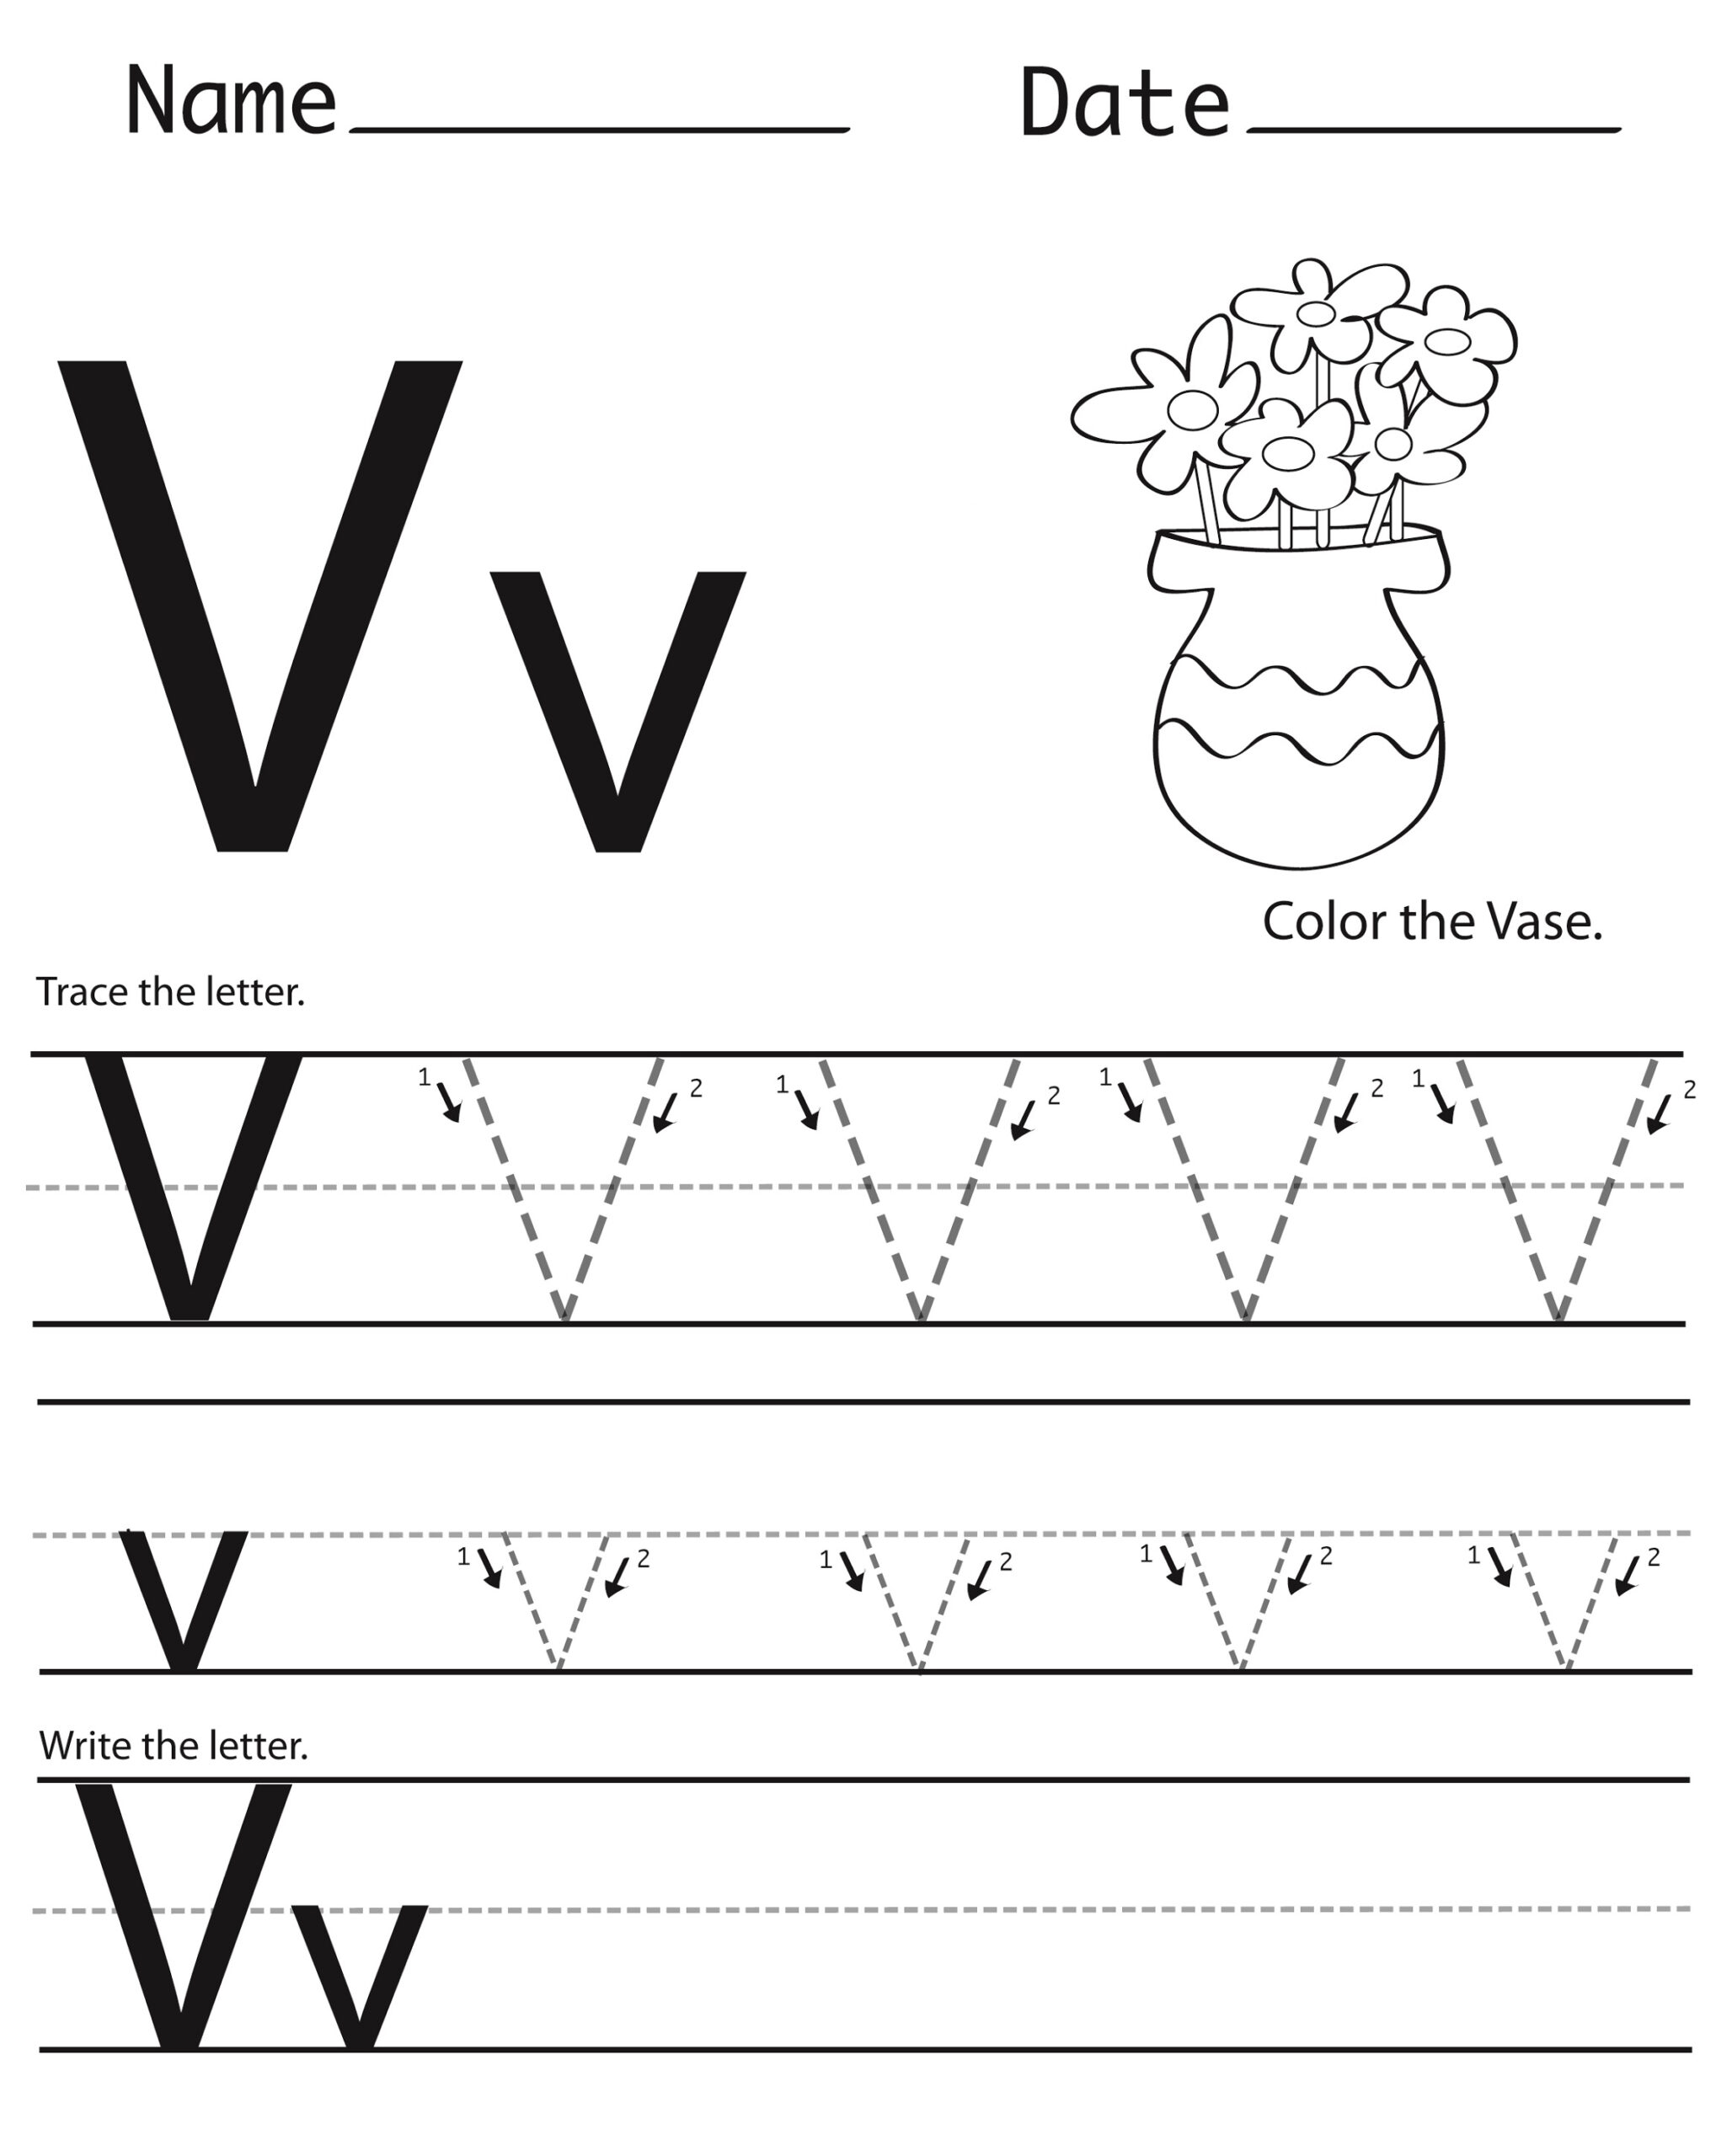 Letter V Worksheets To Print | Activity Shelter intended for Letter V Tracing Practice